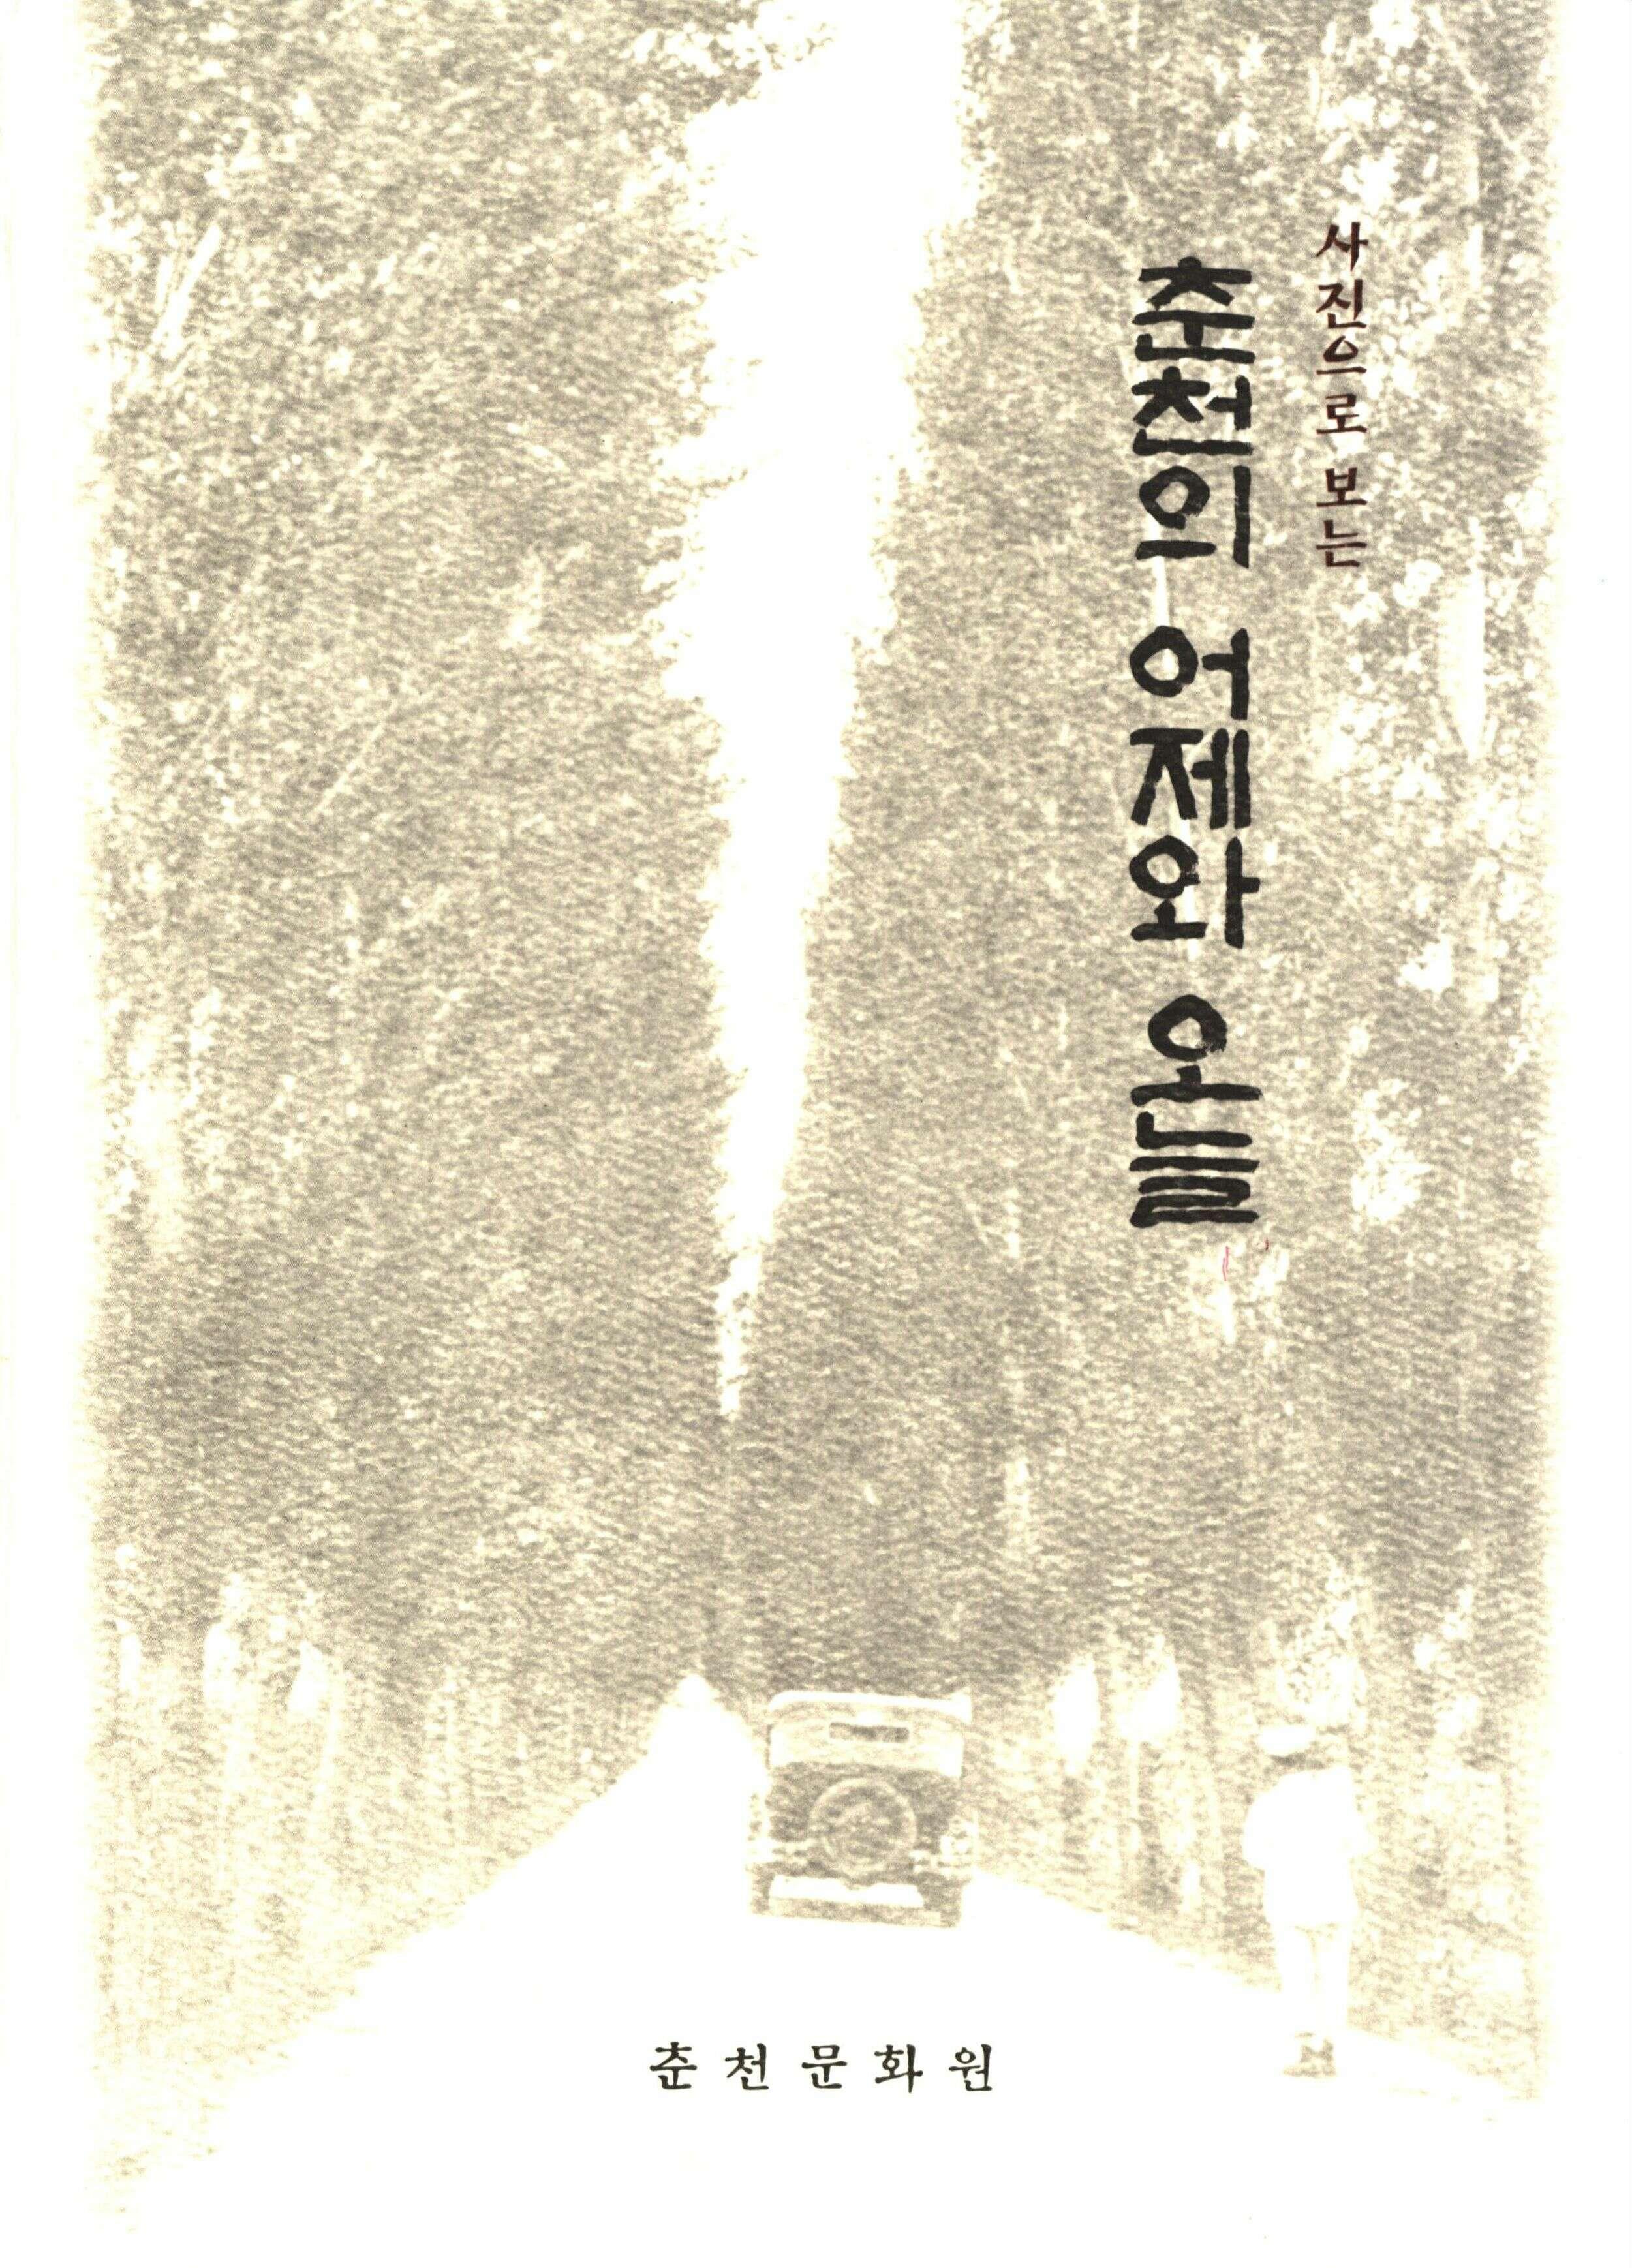 사진으로 보는 춘천의 어제와 오늘